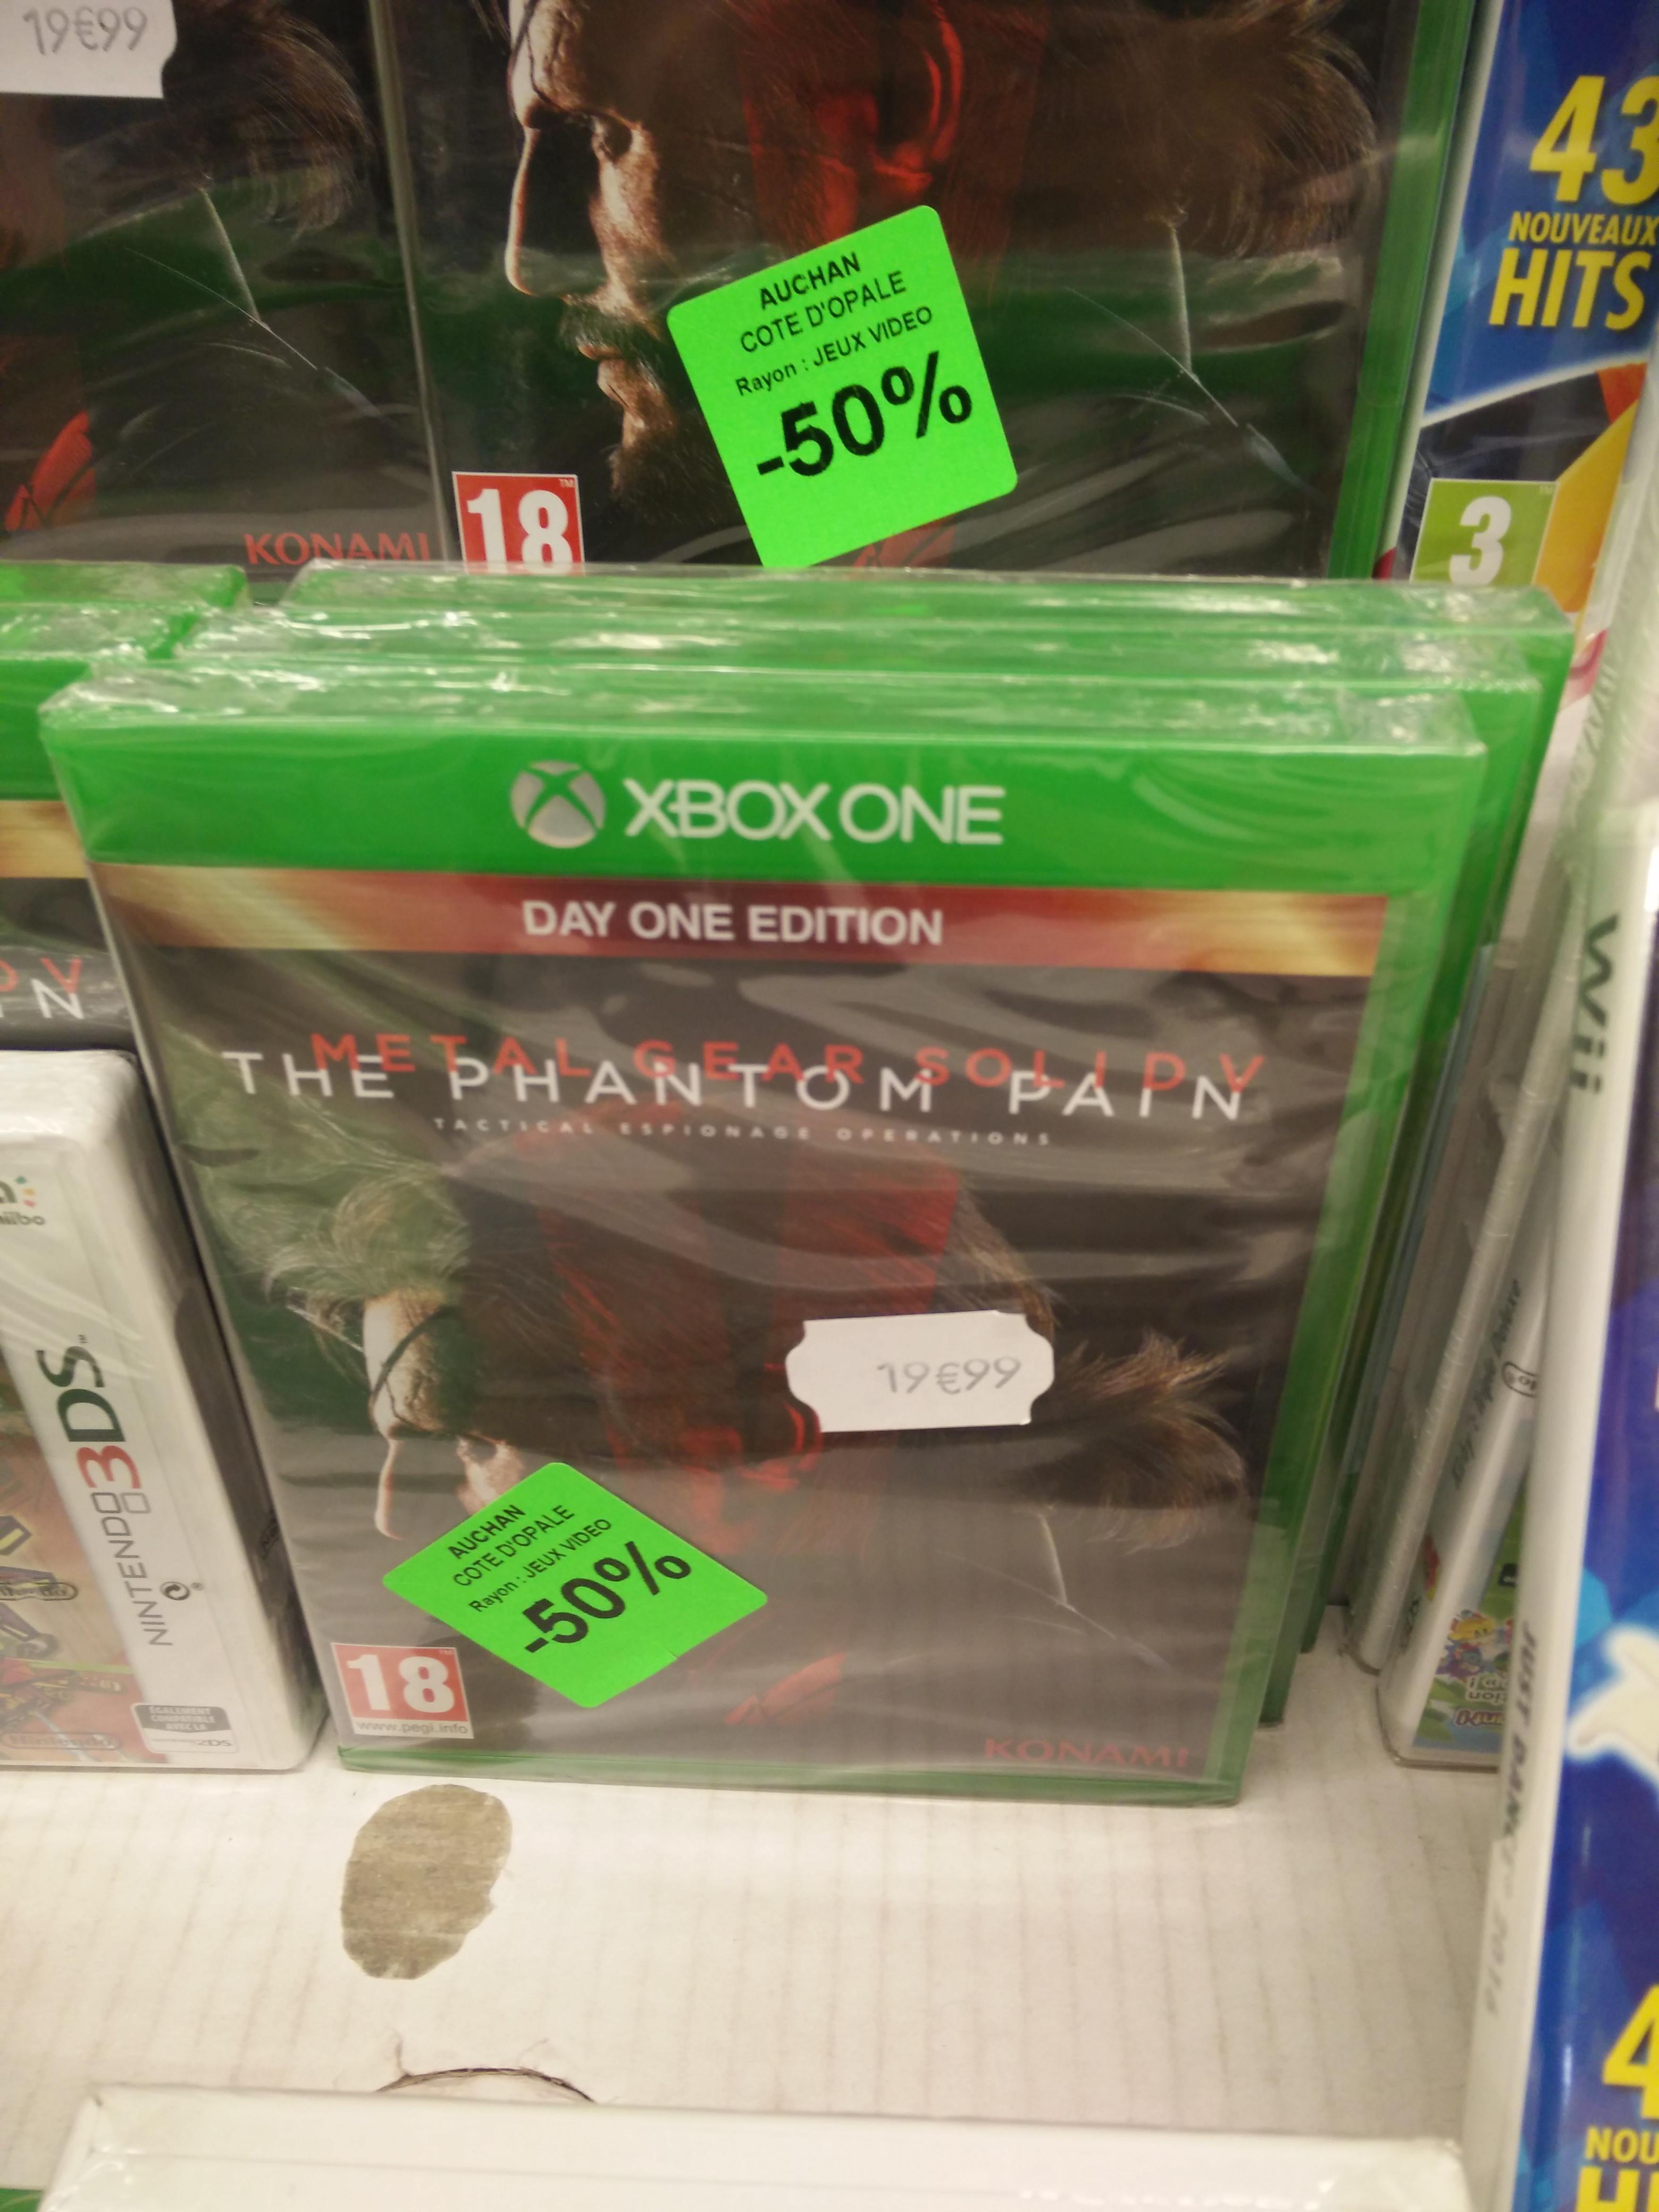 Sélection de jeux vidéo en promotion - Ex : Metal Gear Solid V: The Phantom Pain (édition Day One) sur Xbox One